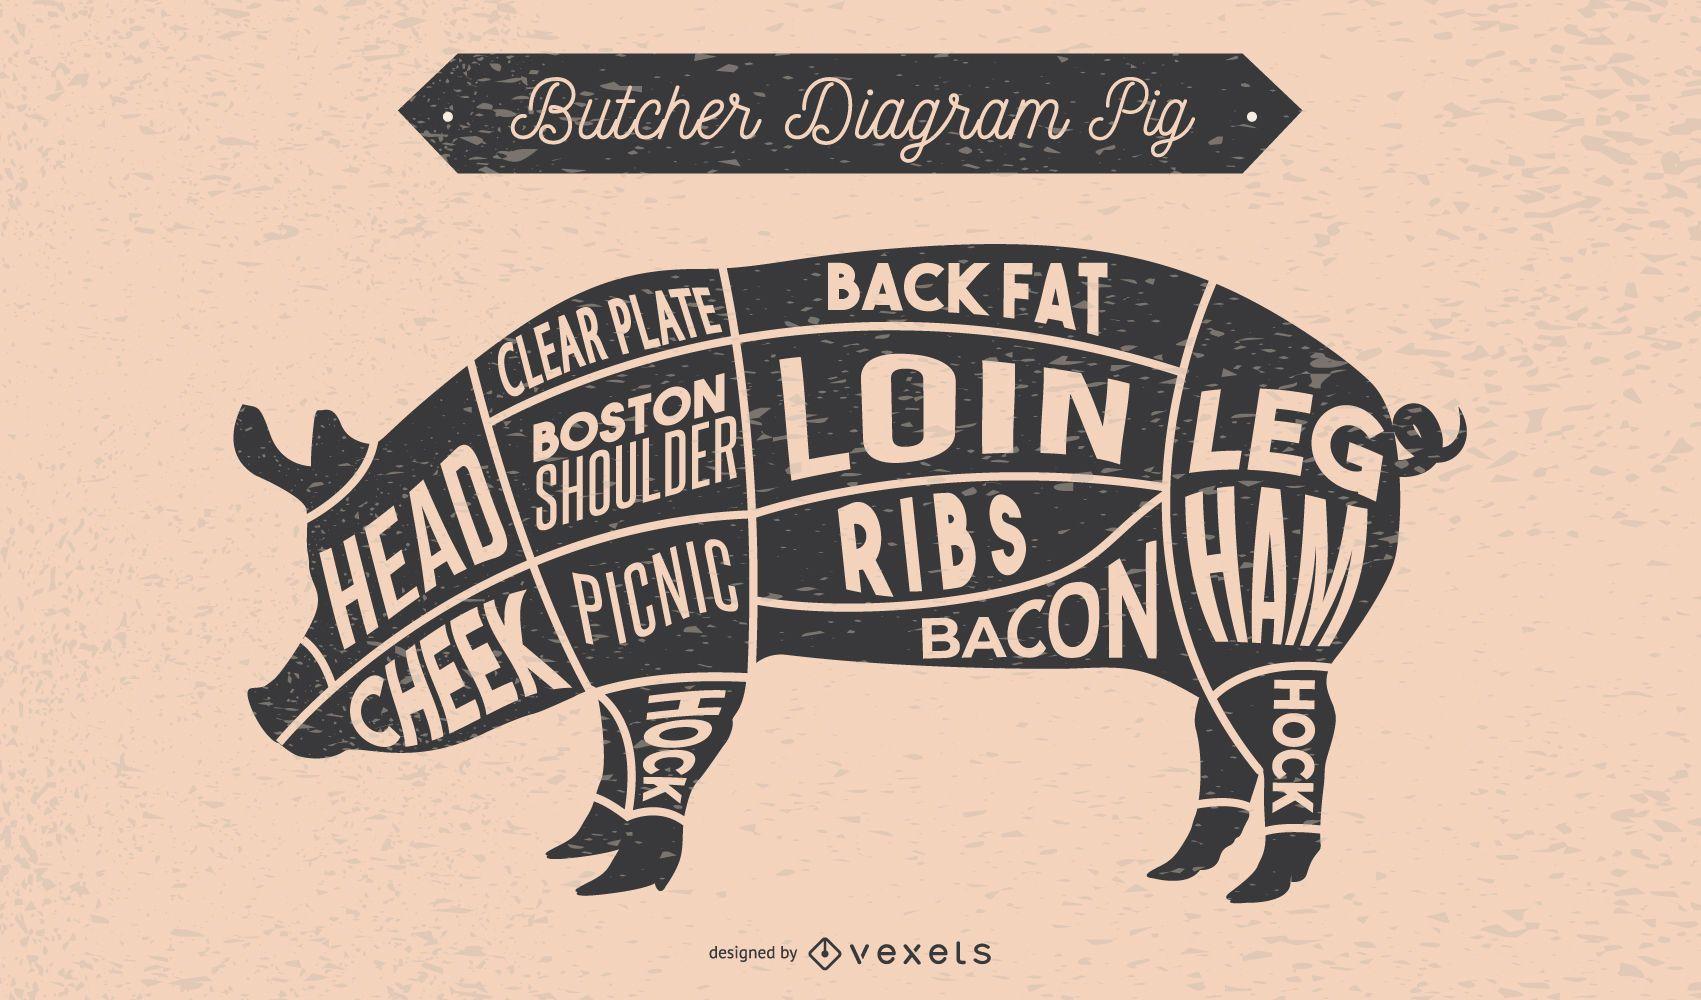 Pig Butcher Diagram Illustration